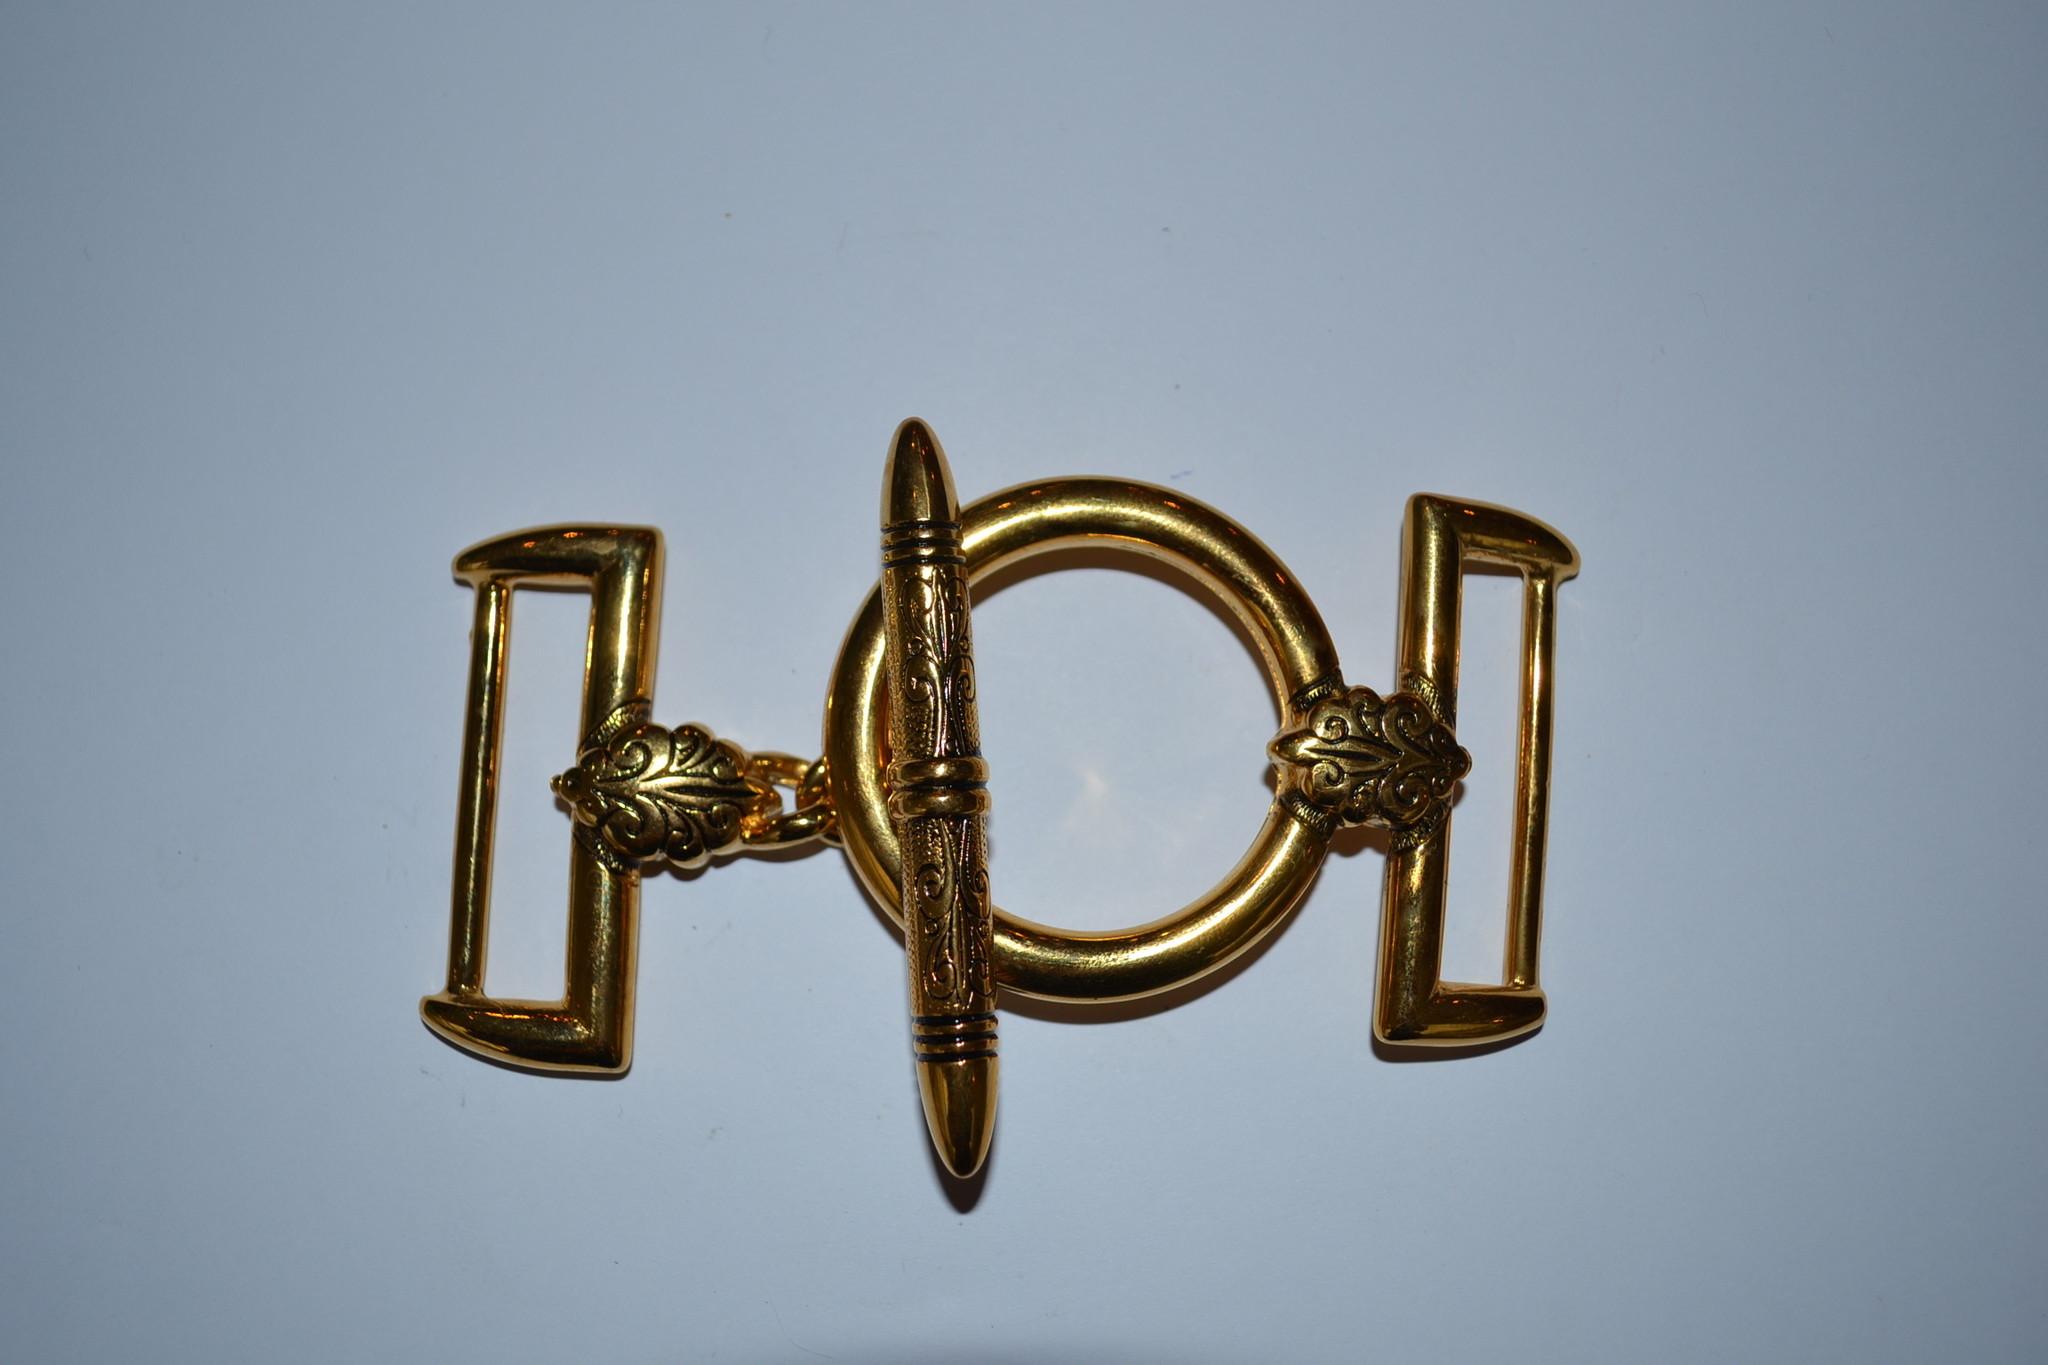 Draagriembevestiging goud 40mm exclusief model